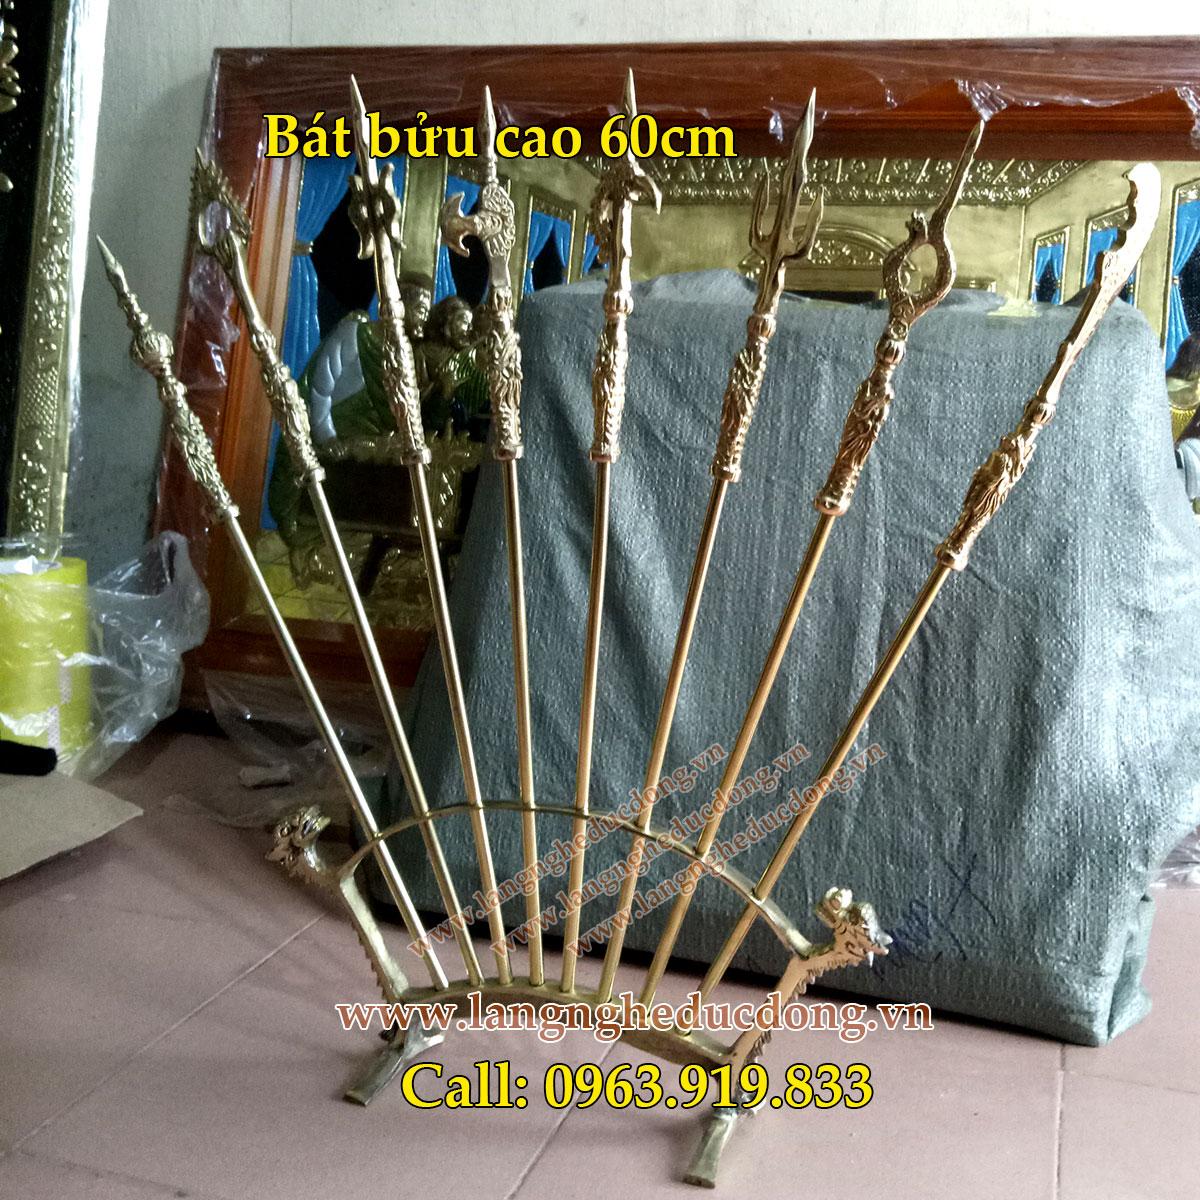 langngheducdong.vn - đồ thờ cúng, đồ phong thủy, đồ trang trí bằng đồng